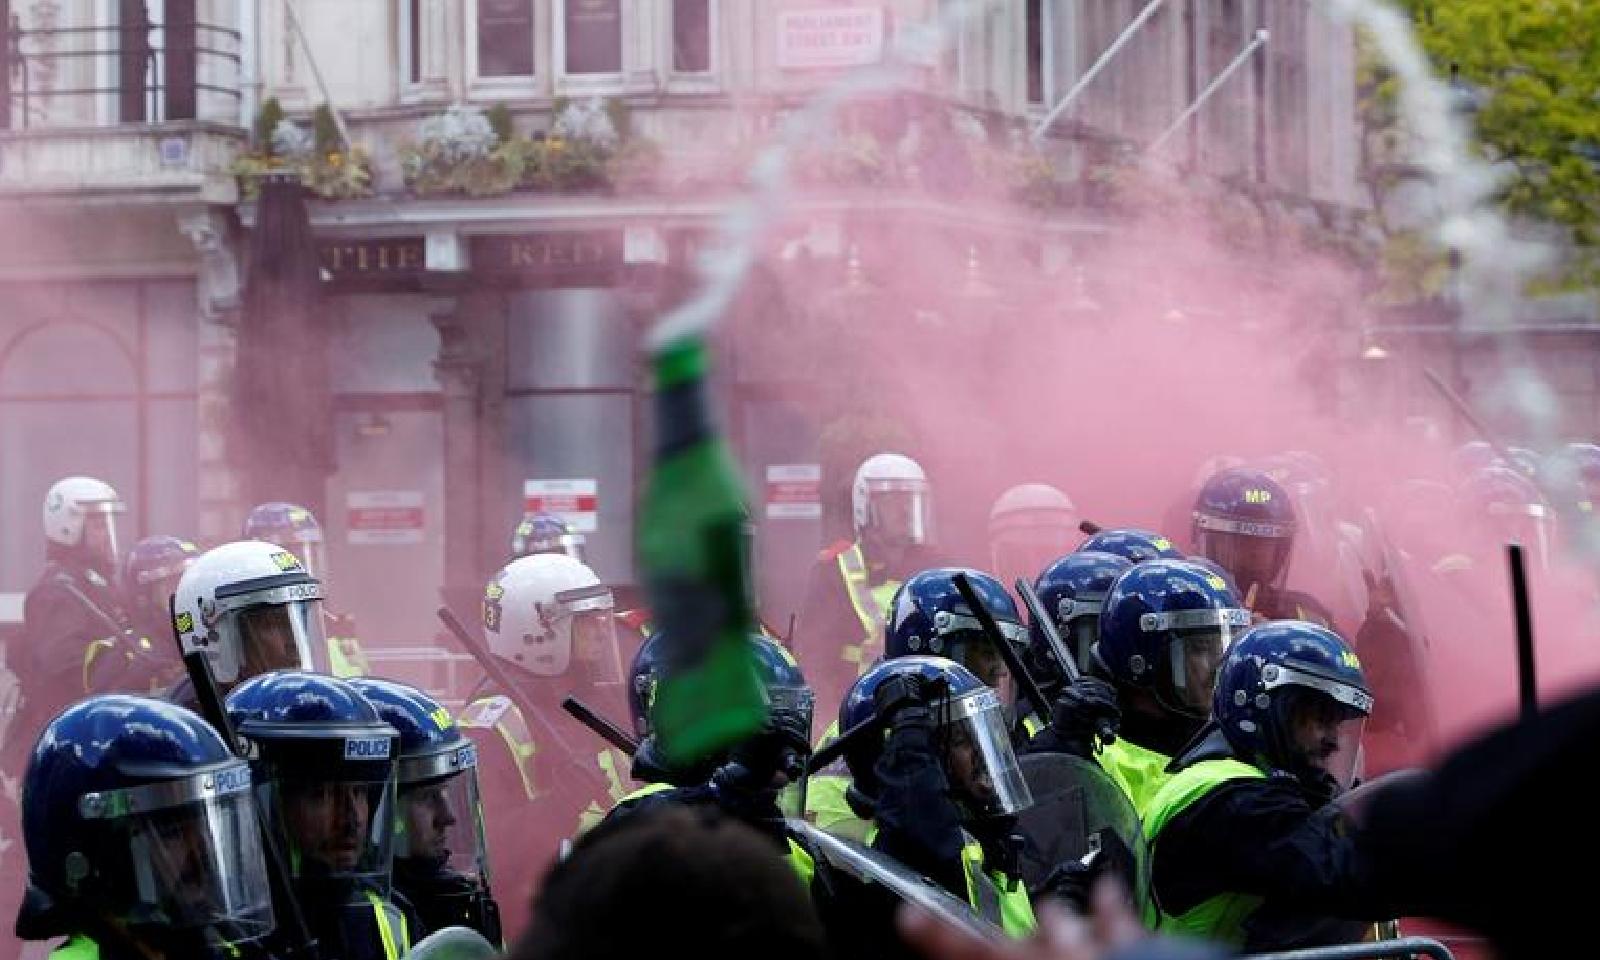 پولیس نے ریلیوں کے شرکا کو قابو کرنے کی کوشش کی—فوٹو:رائٹرز